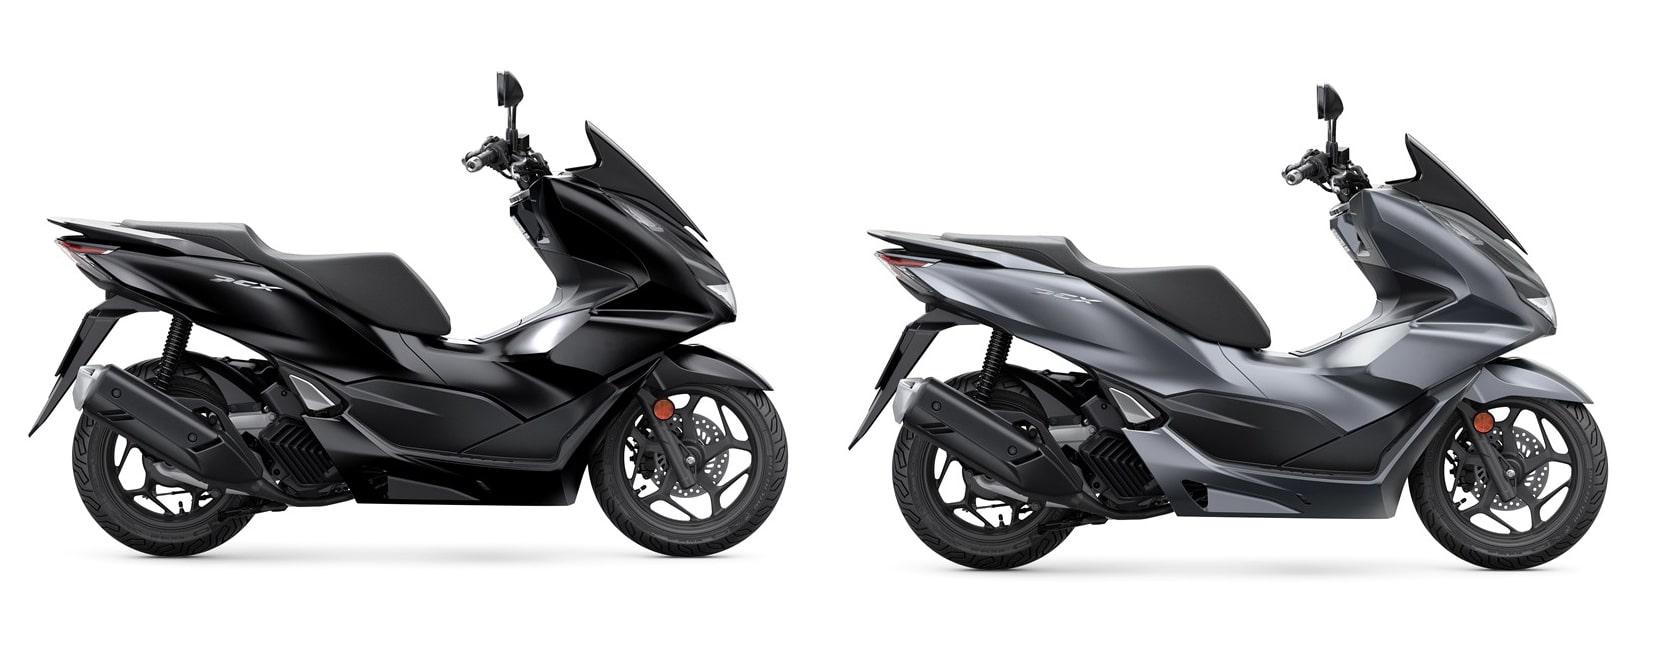 ฮอนด้า PCX125 2021 สีดำและสีเทา